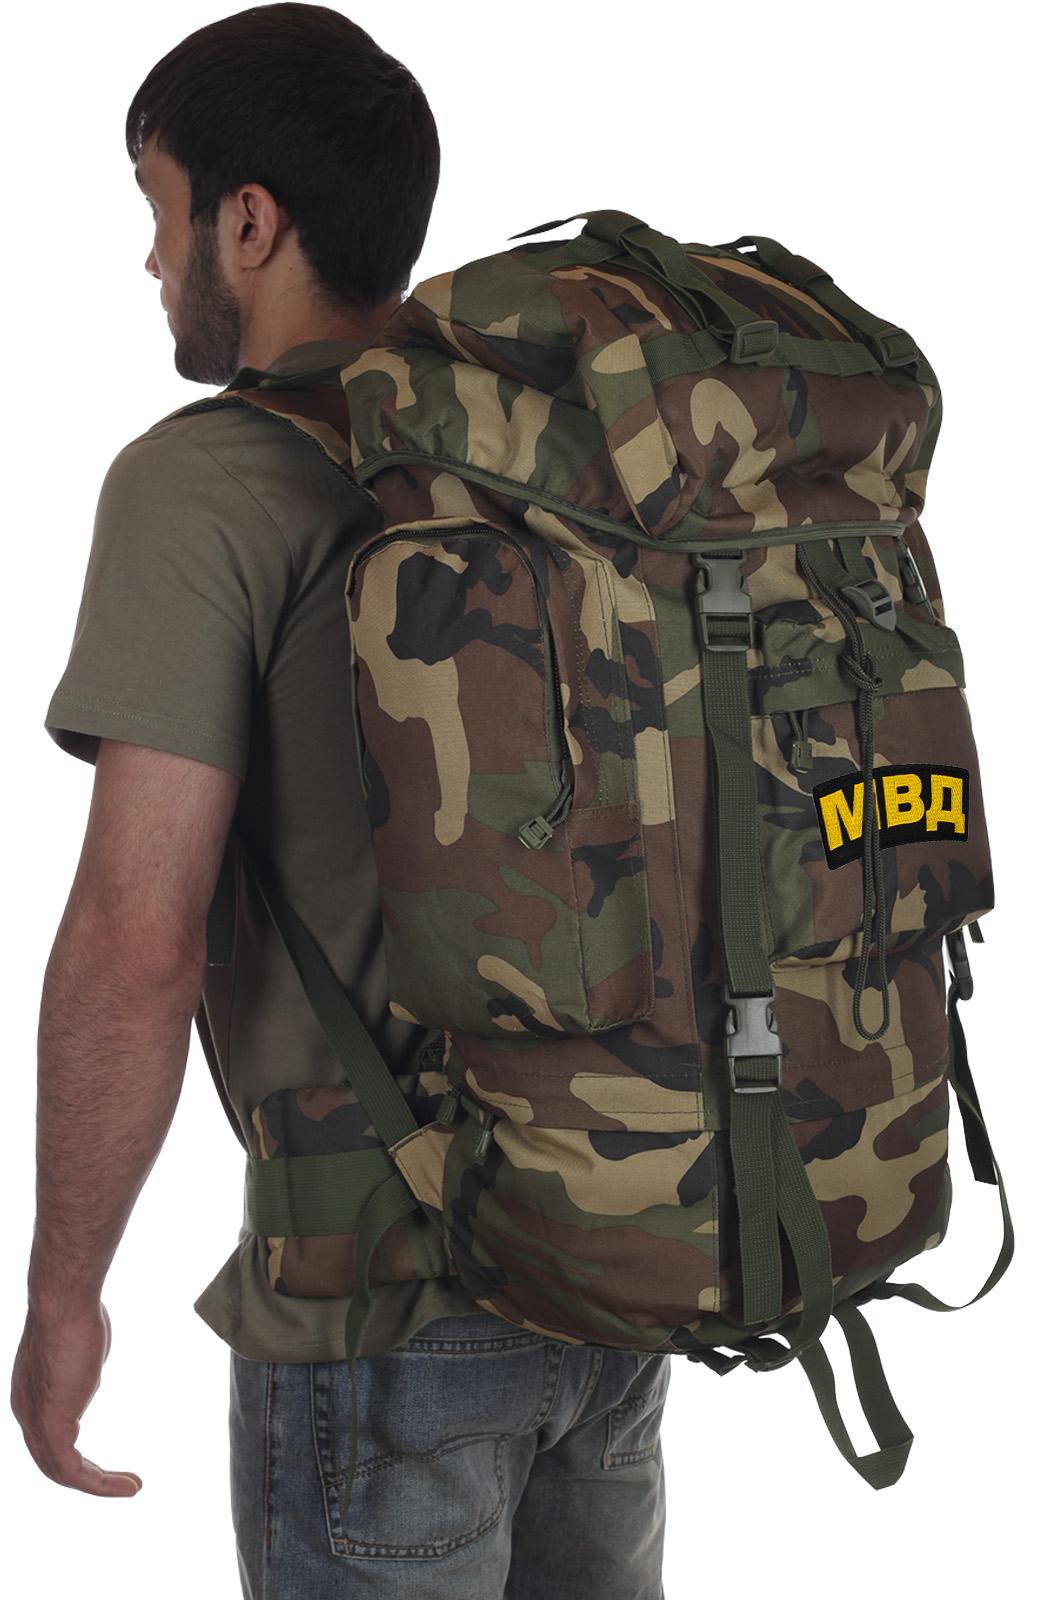 Камуфляжный рейдовый рюкзак CCE с нашивкой МВД - купить с доставкой